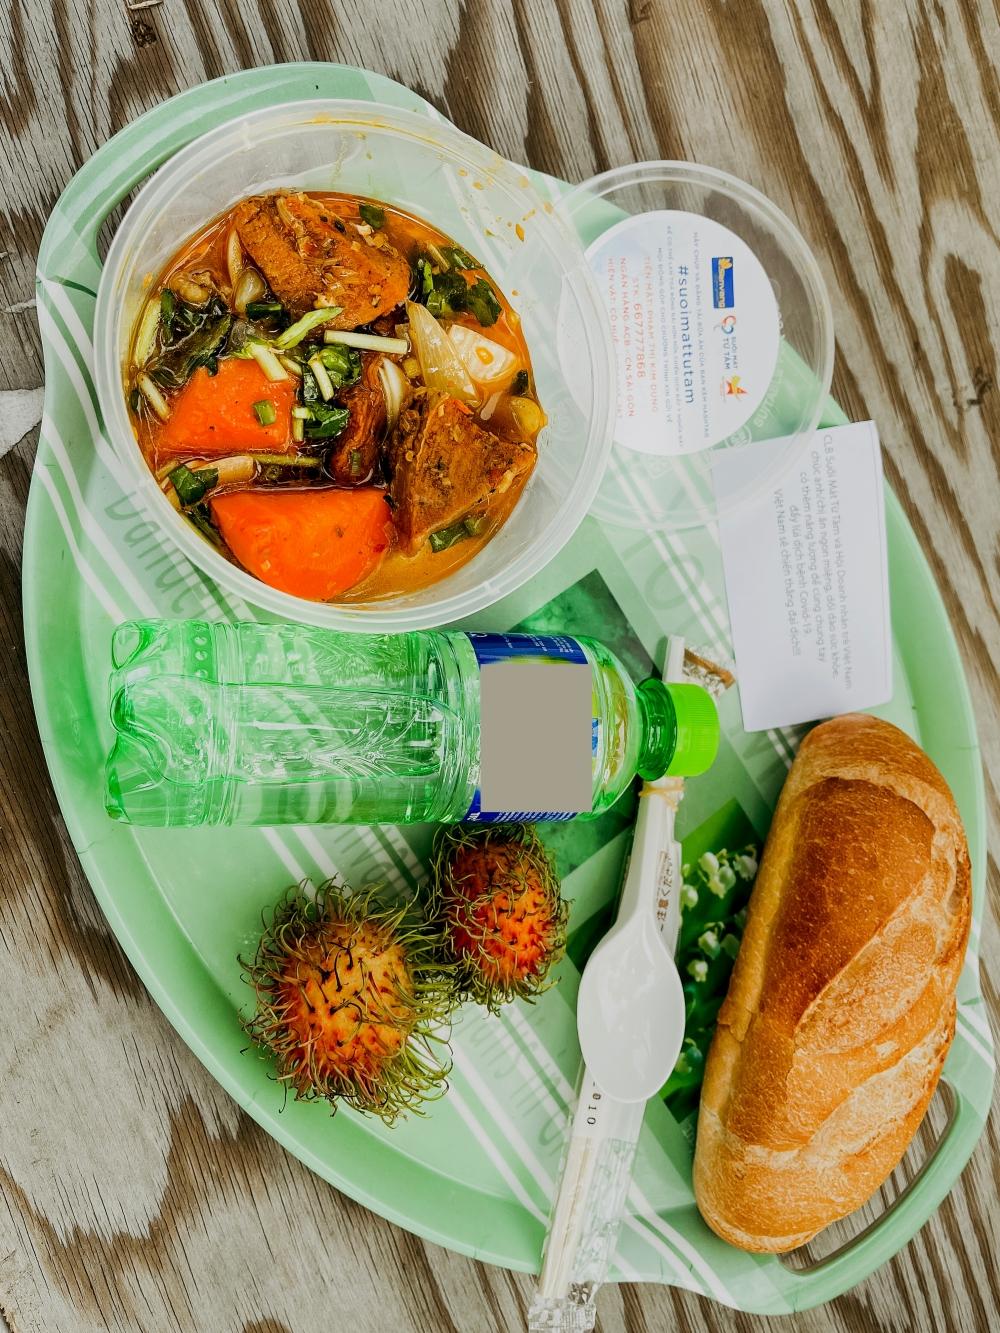 Căn bếp từ thiện có menu xịn xò mùa dịch của bà trùm Hoa hậu: Bún bò, thịt kho ruốc Huế và loạt món ngon ăn là mê! - Ảnh 3.